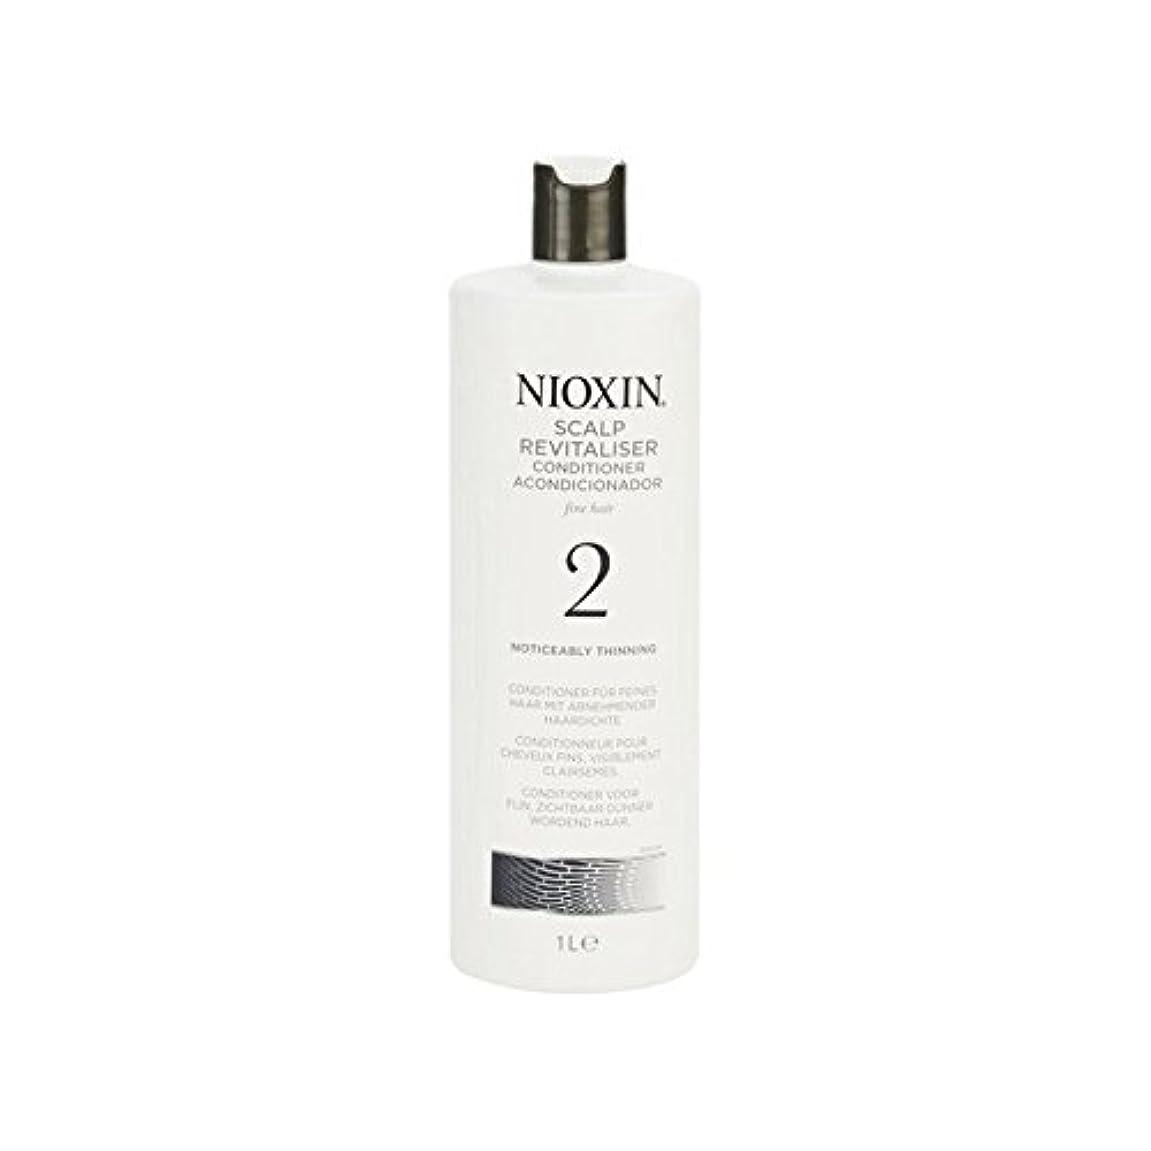 ジェット成分安らぎ著しく間伐自然な髪千ミリリットルのためのニオキシンシステム2頭皮コンディショナー x2 - Nioxin System 2 Scalp Revitaliser Conditioner For Noticeably Thinning...